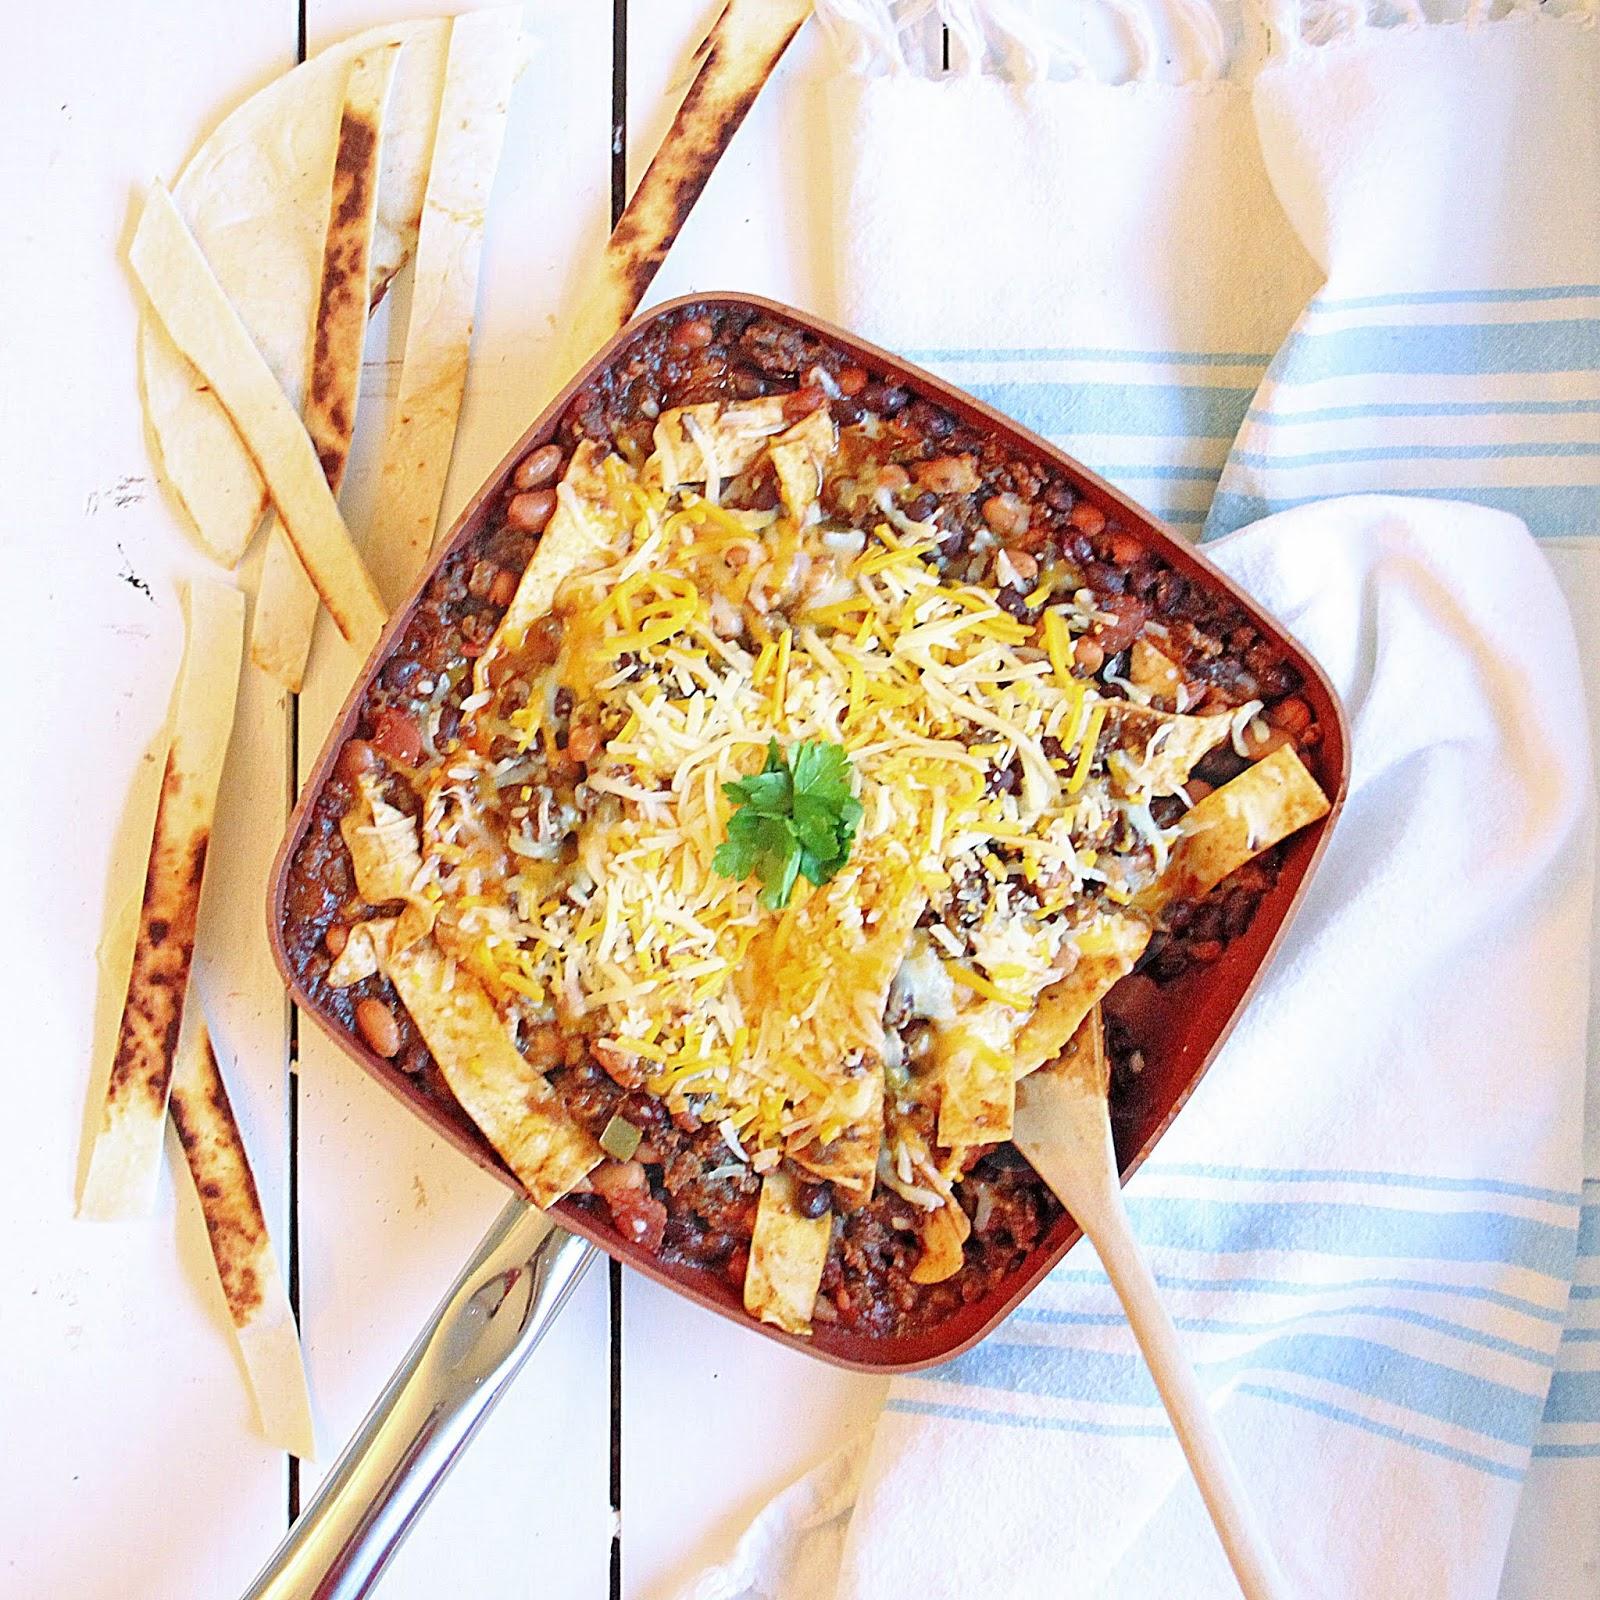 Tex-Mex skillet recipe